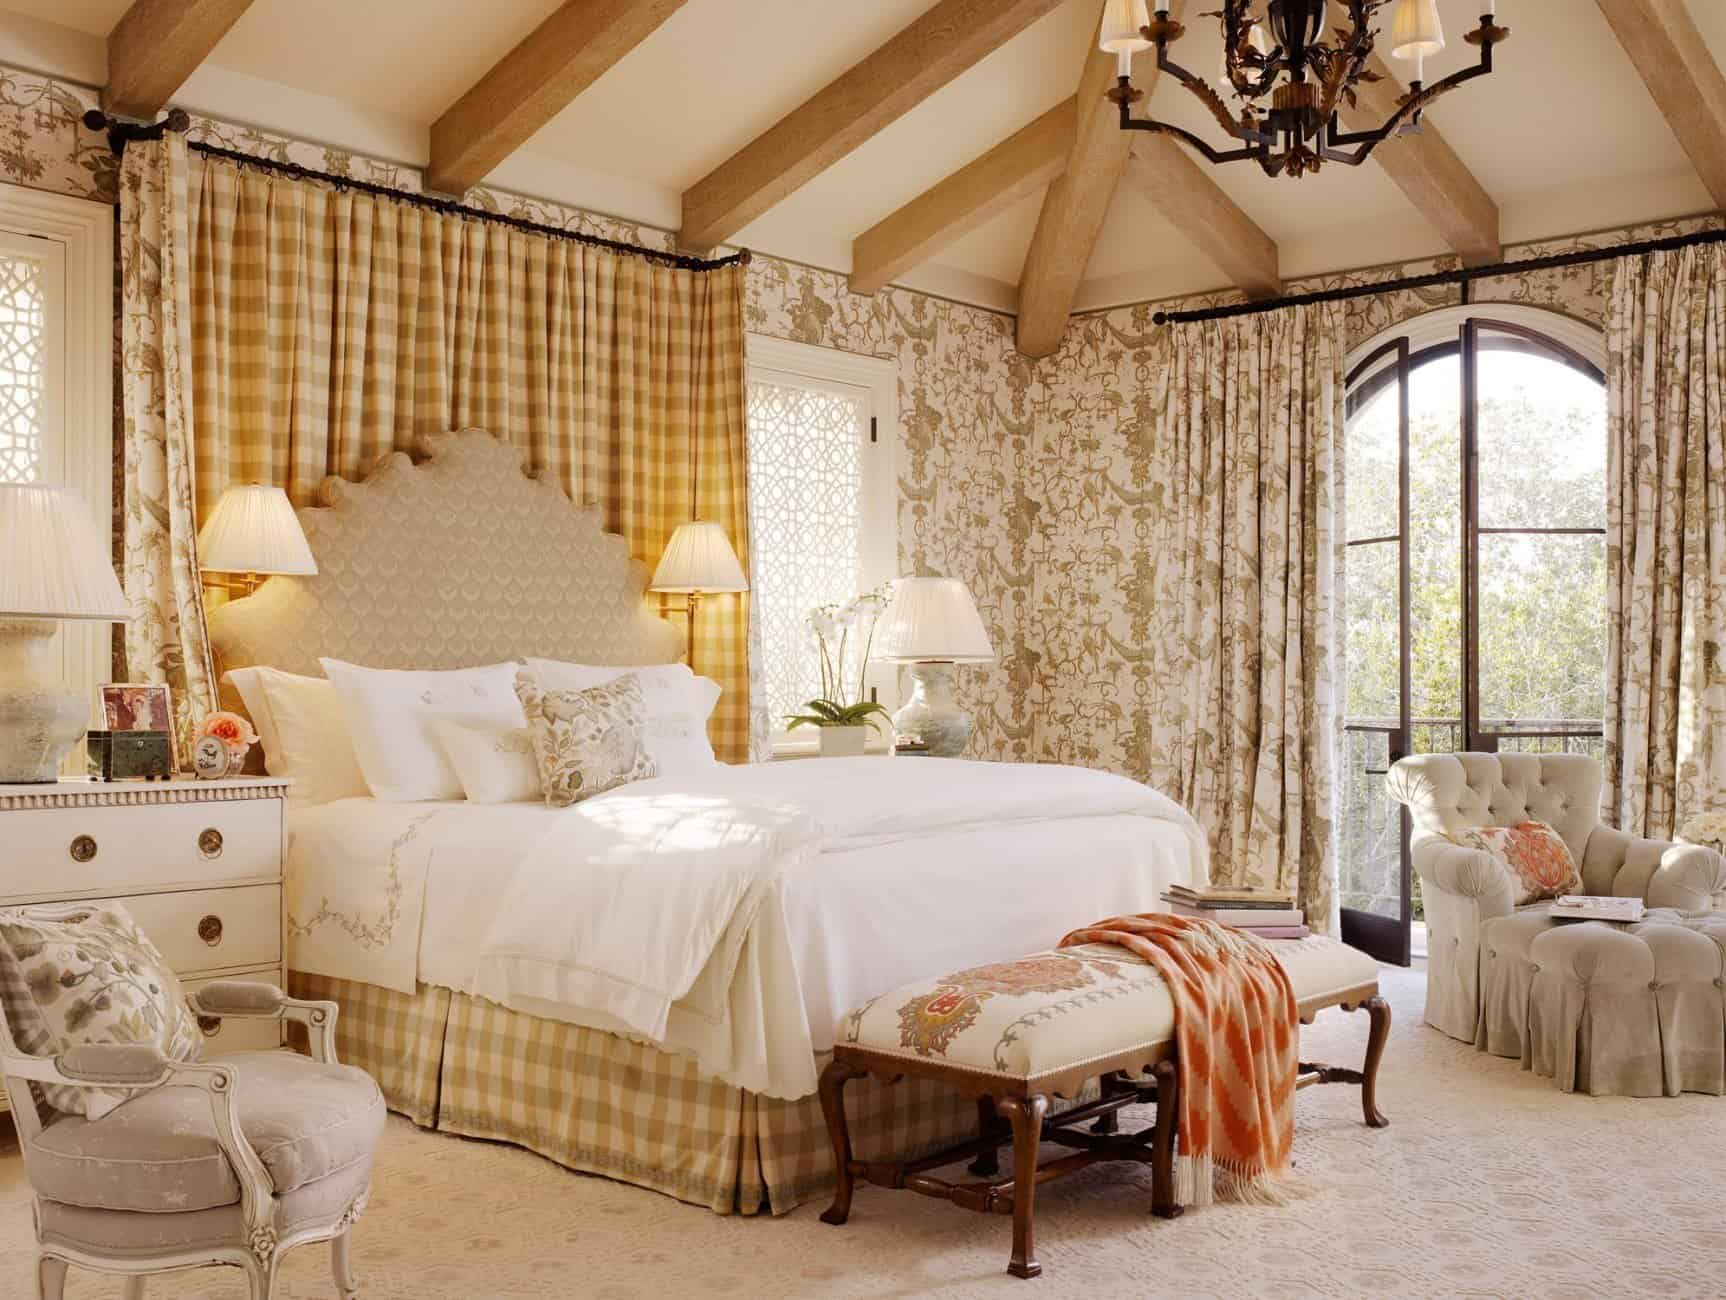 Carmel-Valley-Residence-Tucker-Marks-16-1 Kindesign